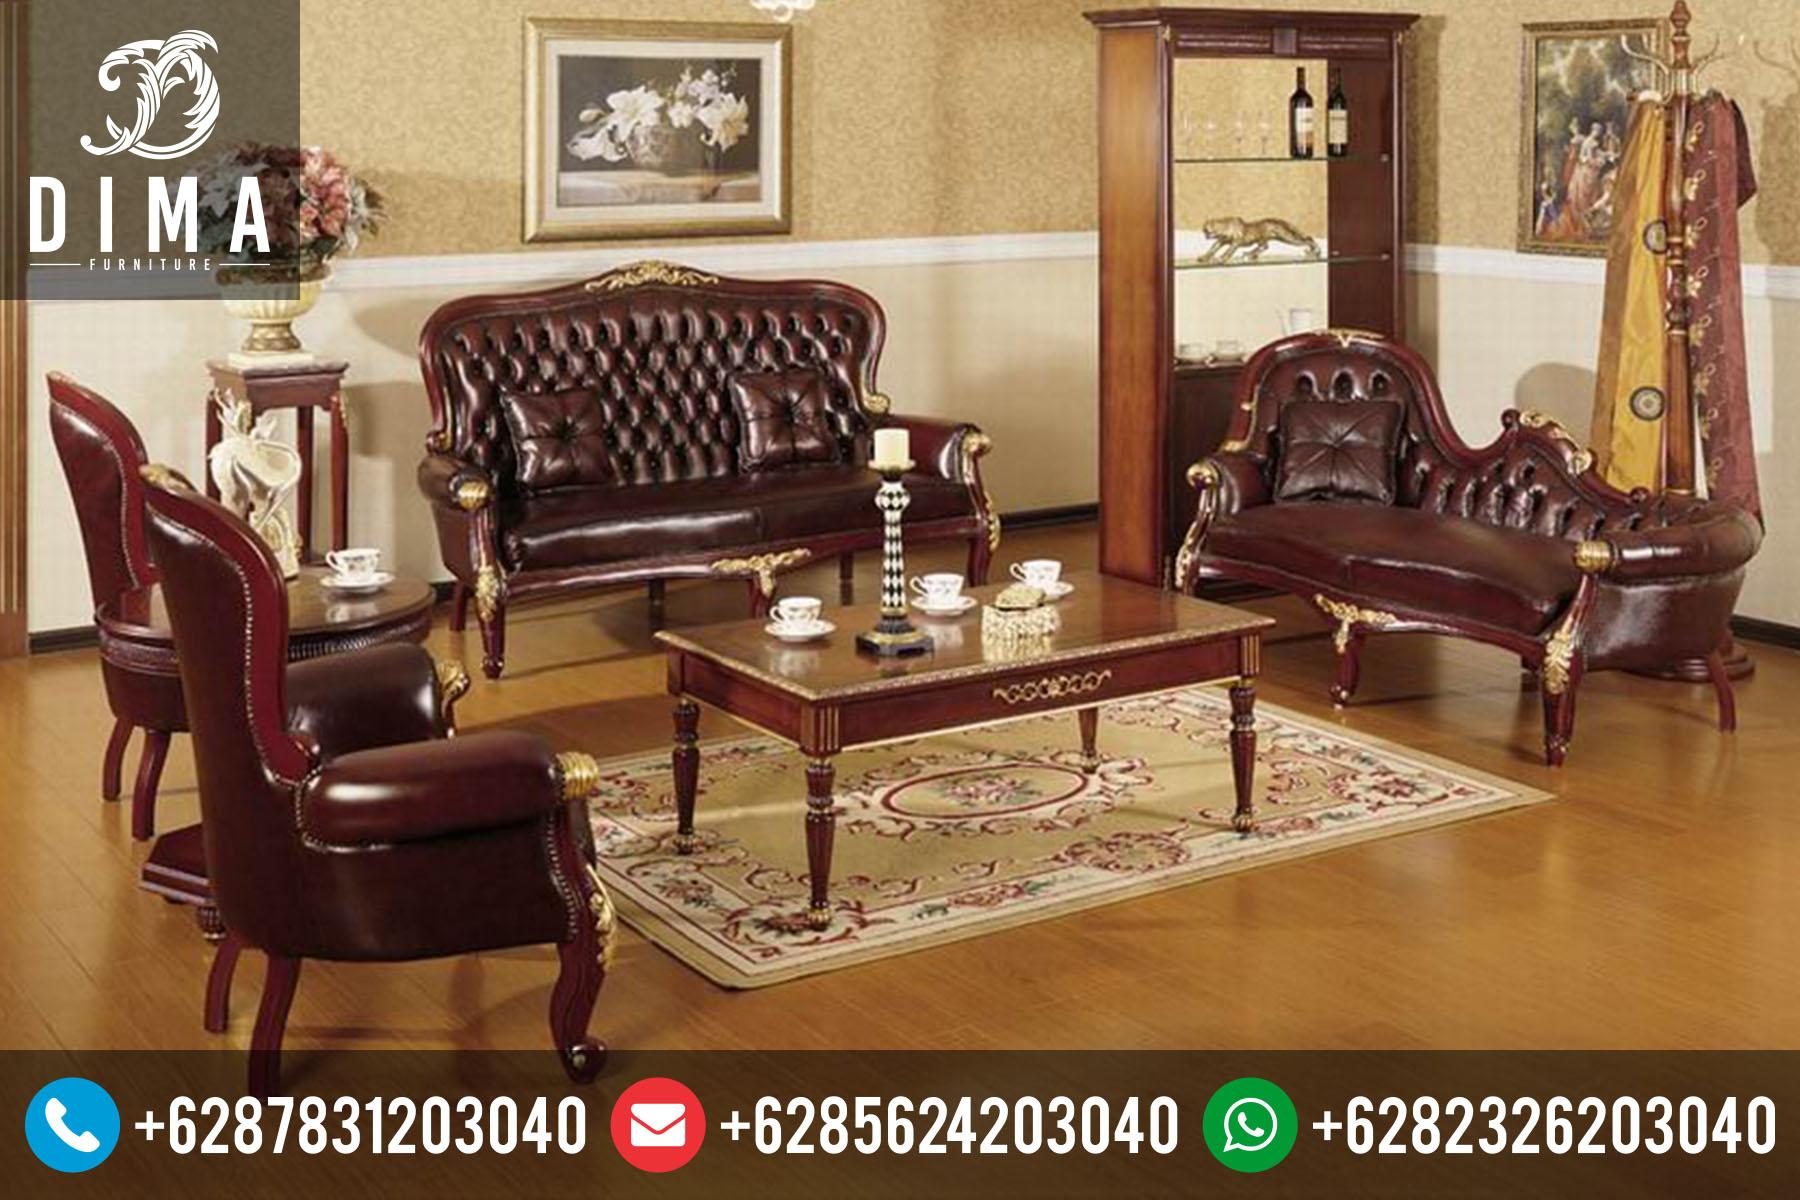 Mebel Ruang Tamu Set Kursi Sofa Tamu Klasik Mewah Terbaru